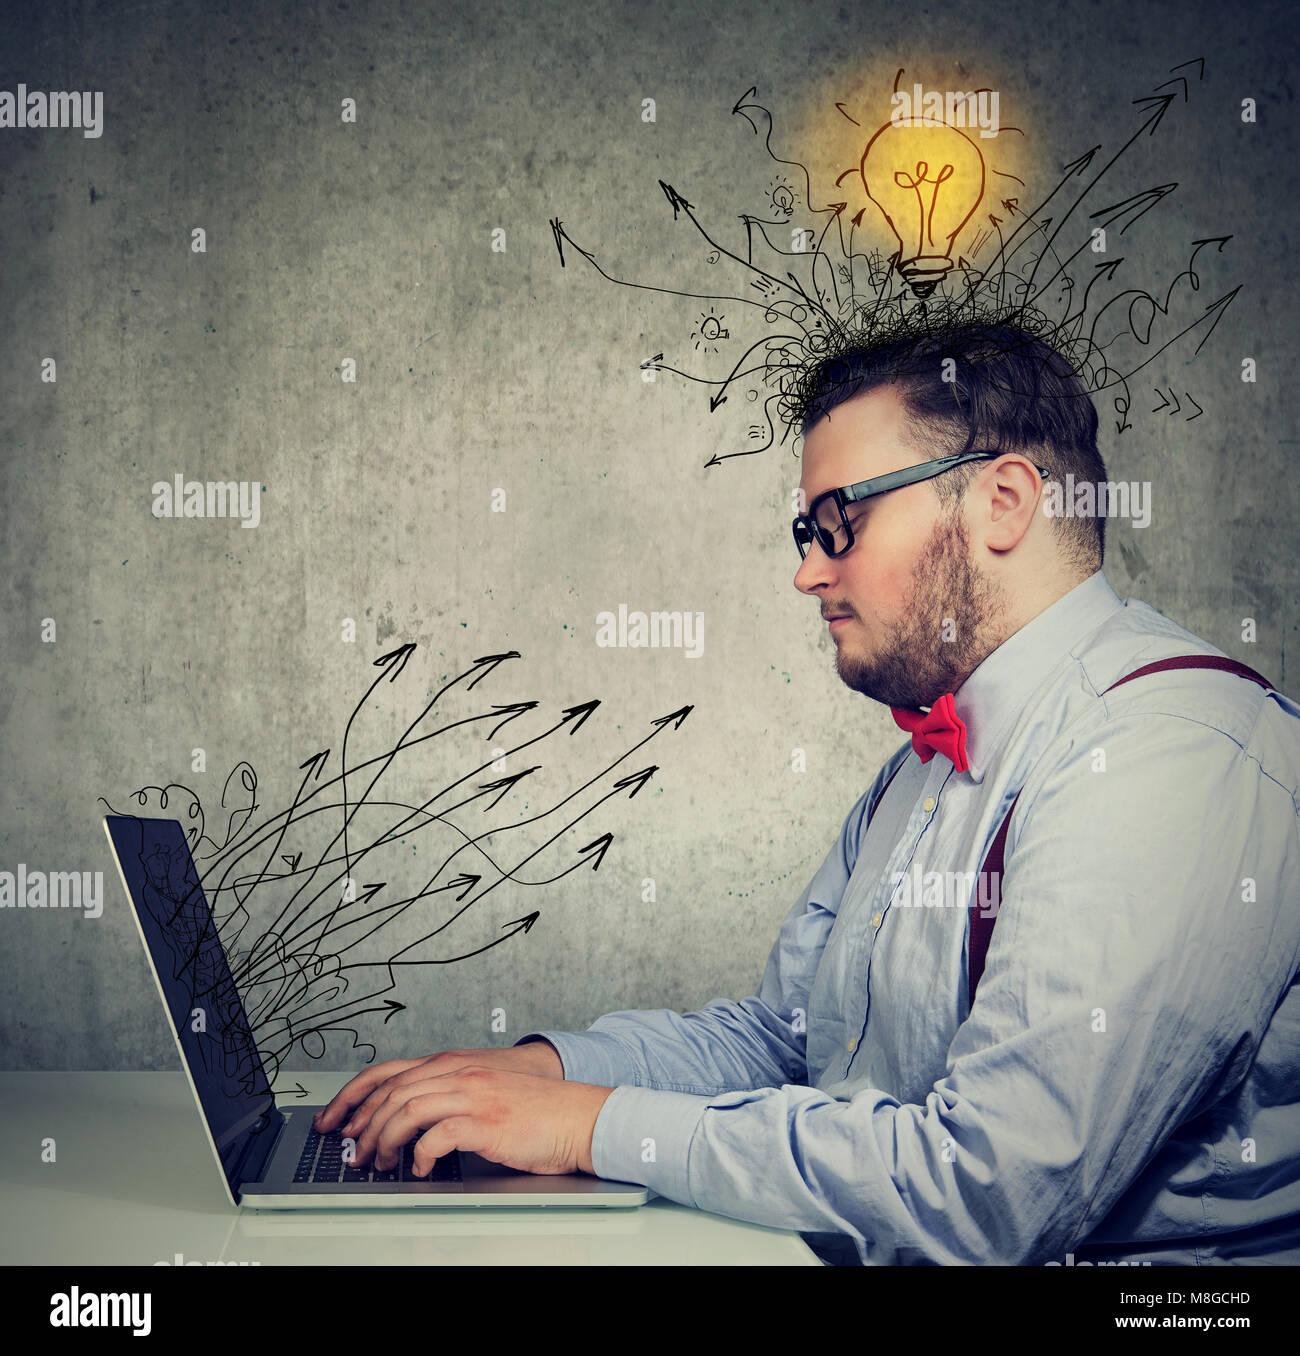 Azienda giovane uomo che lavora sul computer portatile ha idee brillanti Immagini Stock